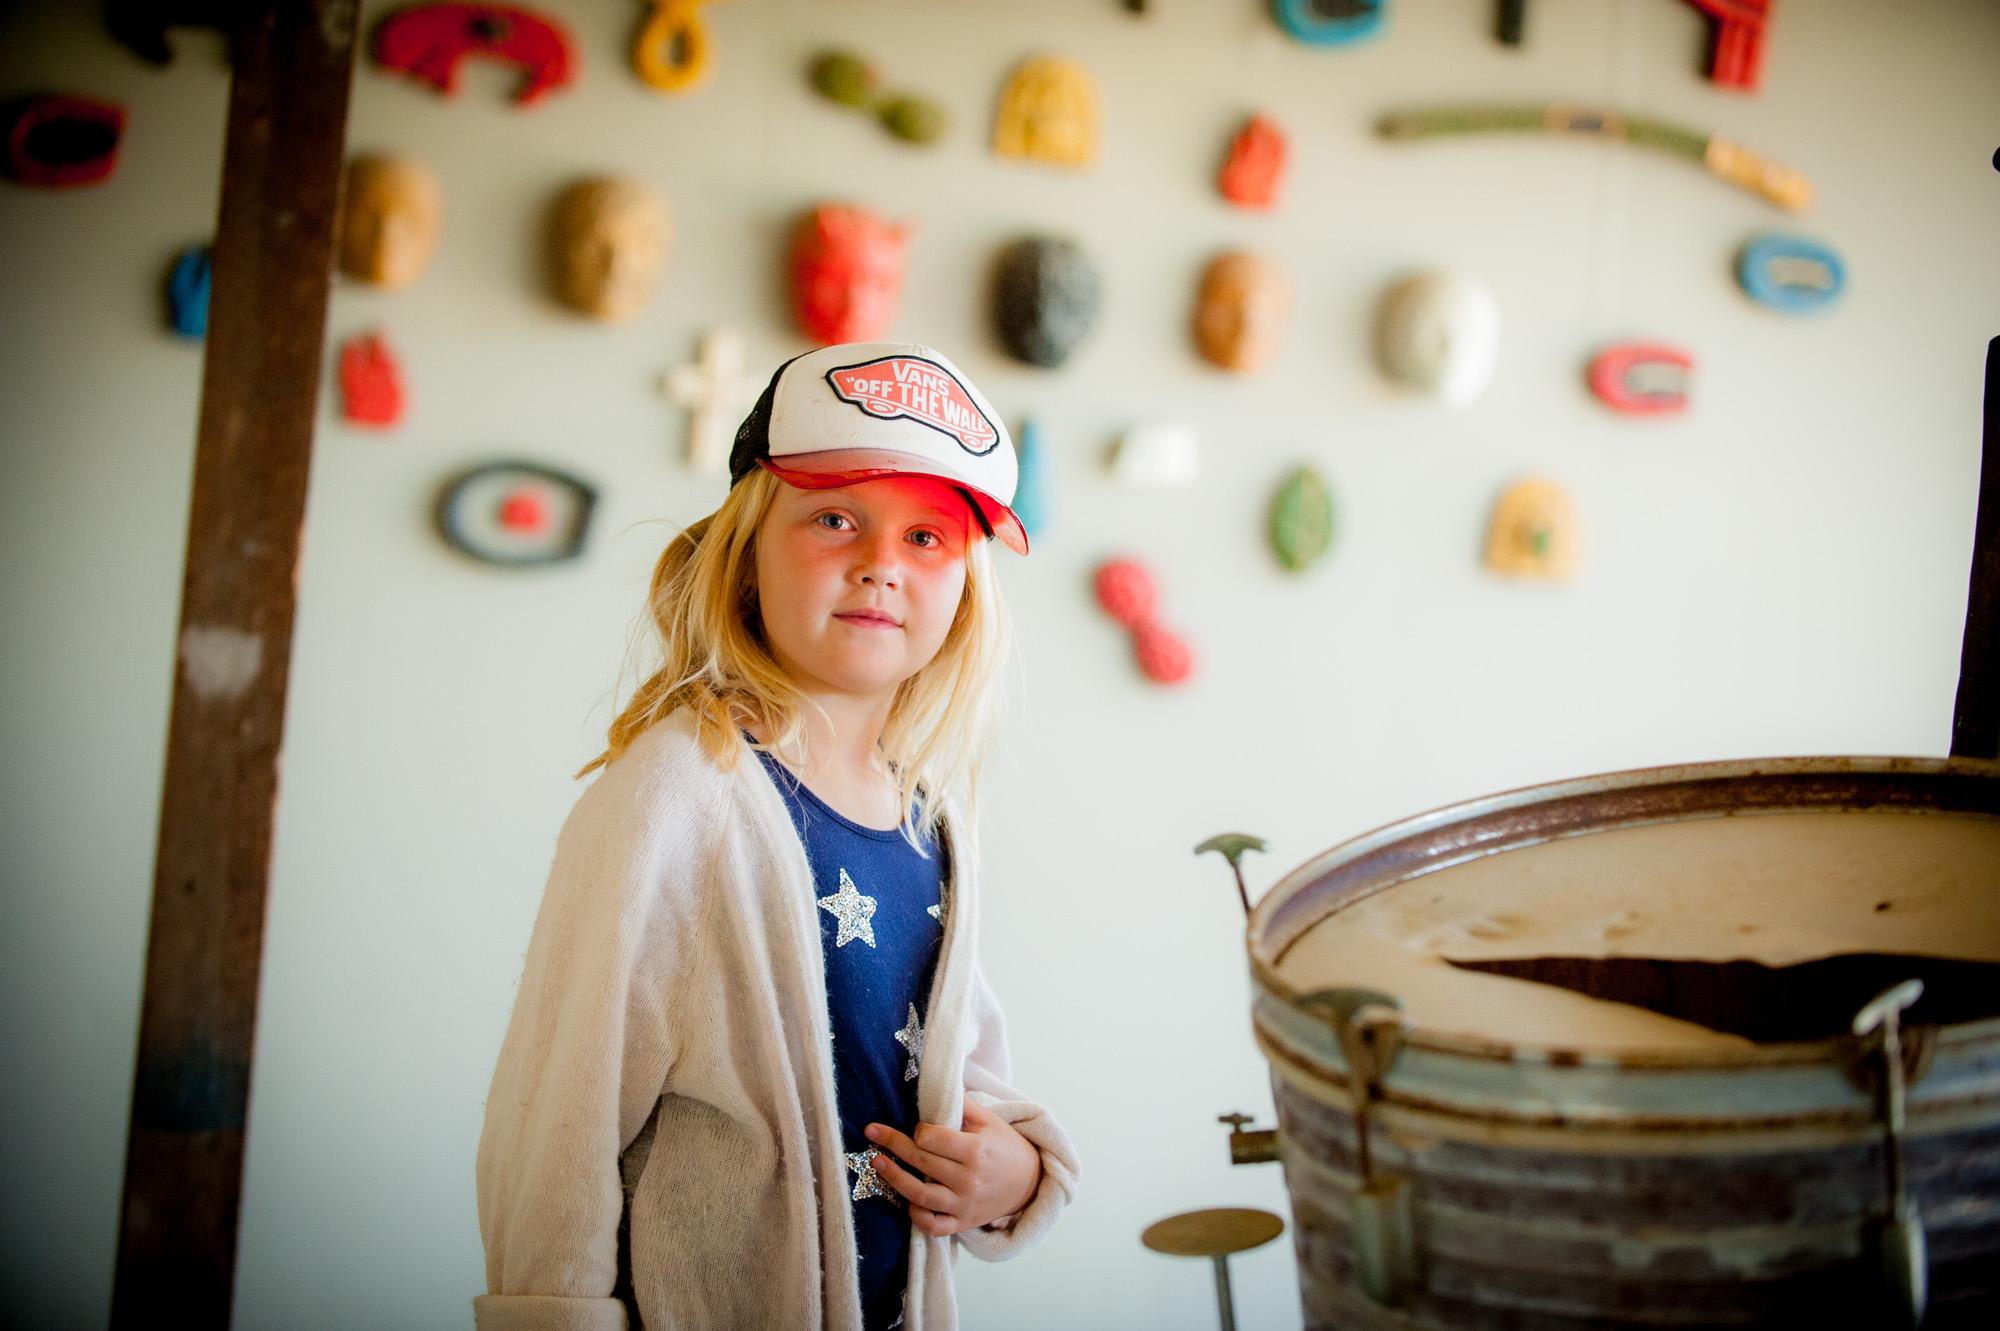 Annual Member Picnic Guest | di Rosa: Center for Contemporary Art, Napa, California